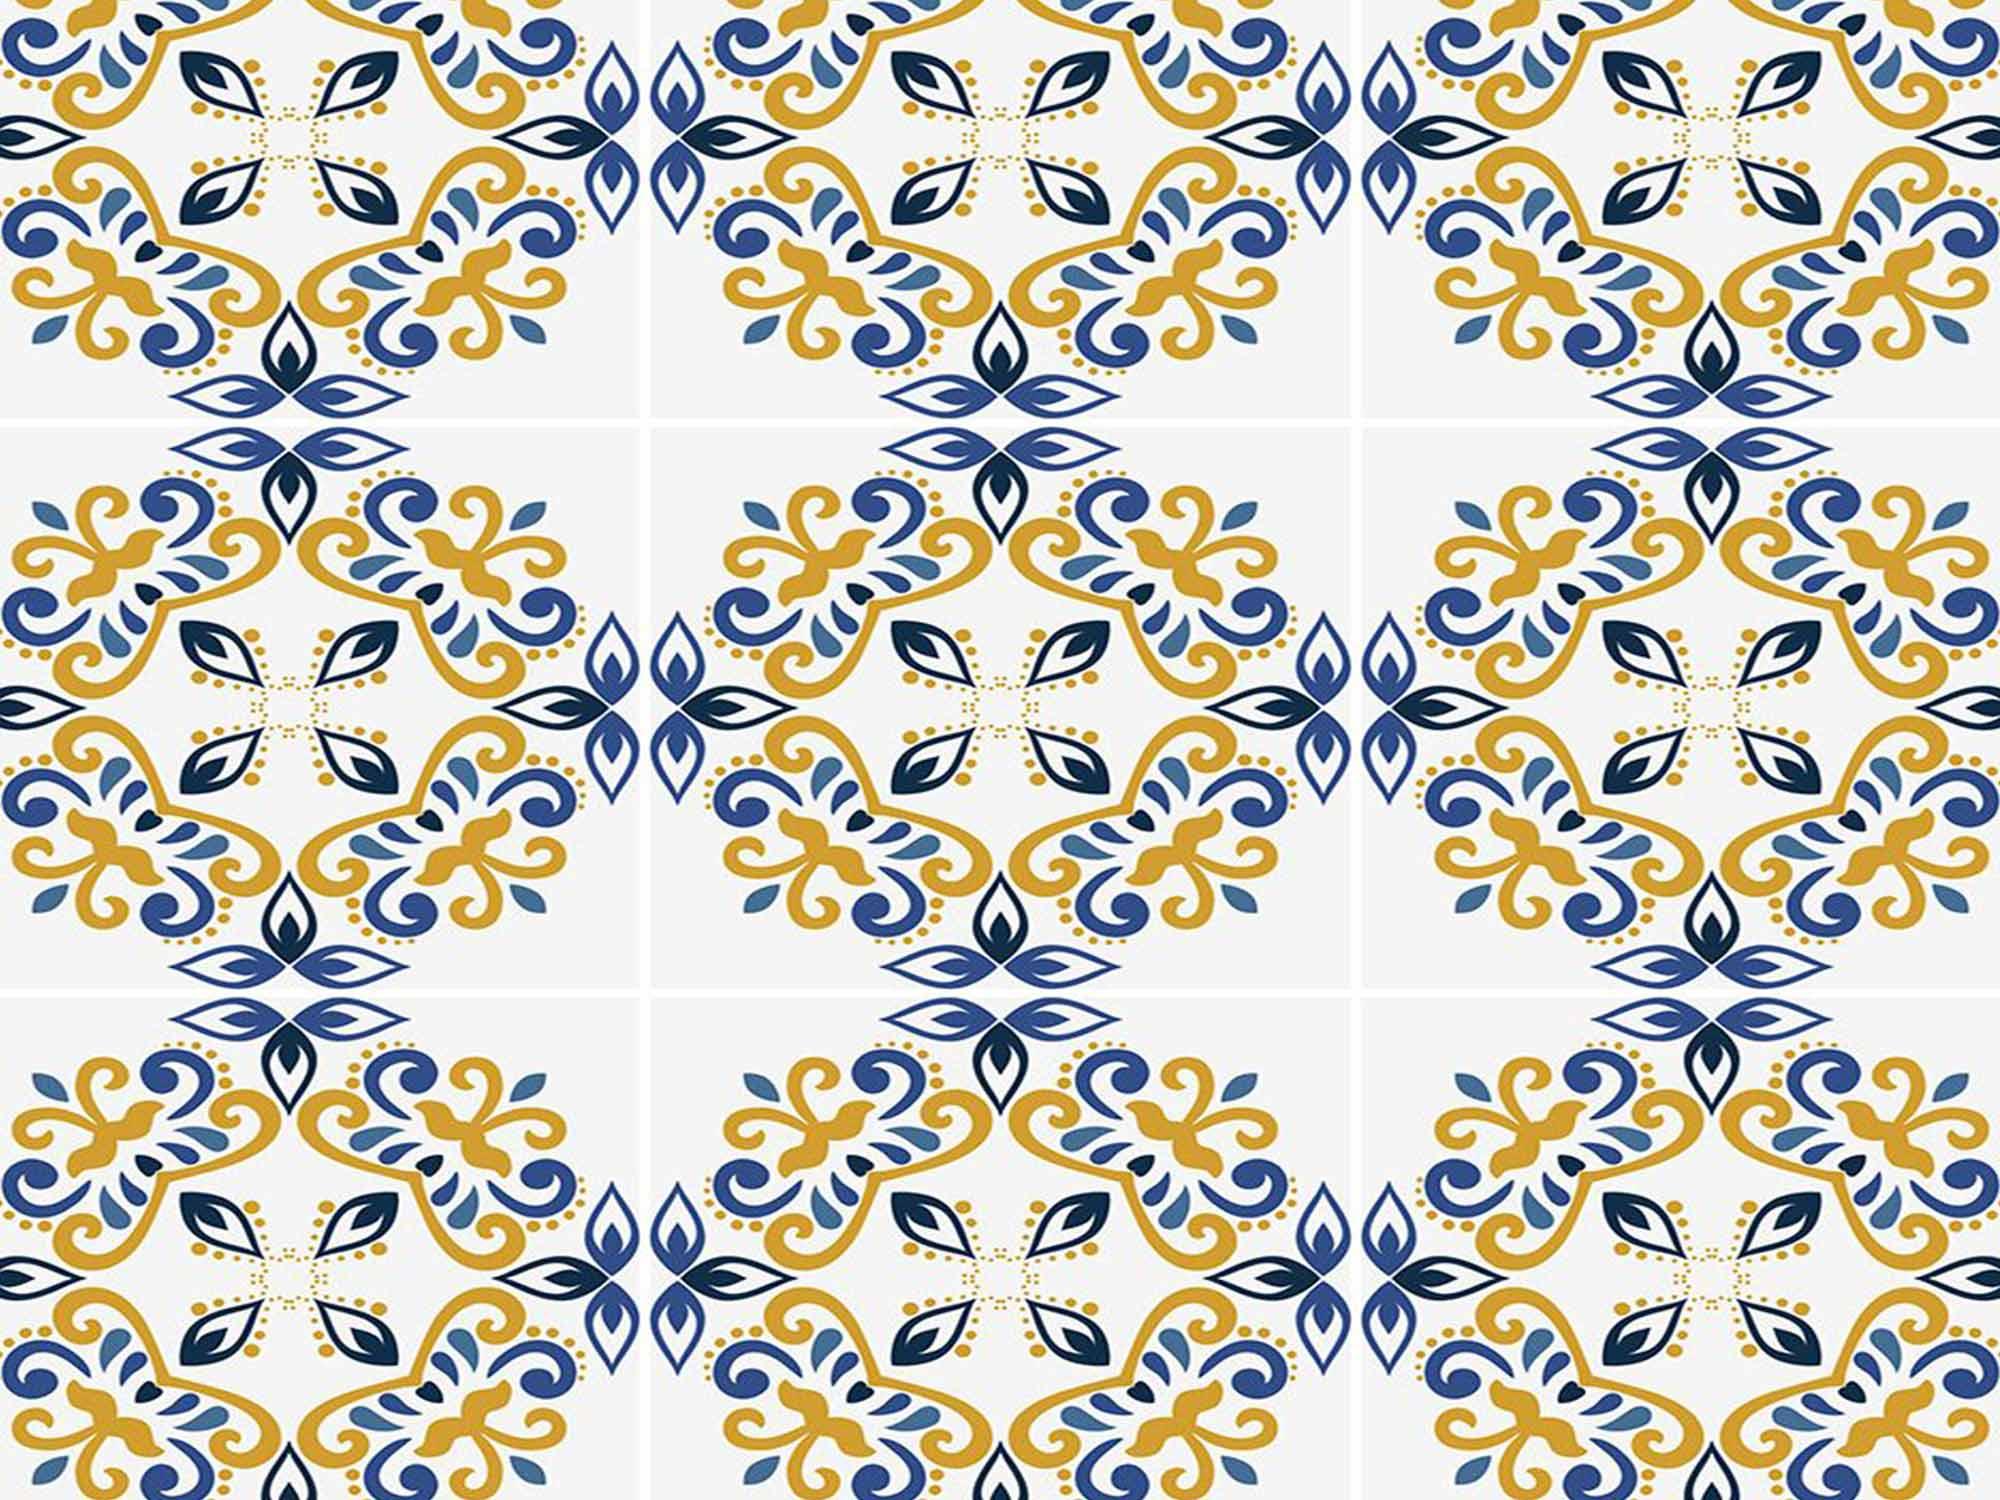 Papel de Parede para Cozinha Azulejos 0041 - Adesivos de Parede  - Paredes Decoradas